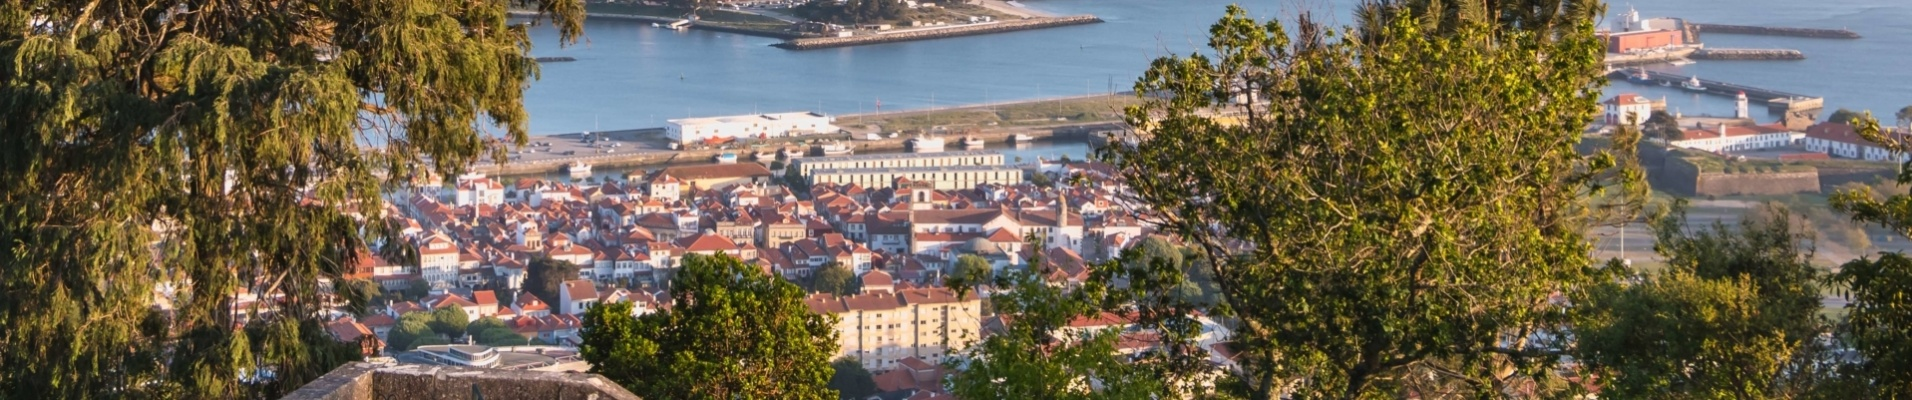 Vue aérienne de Viana do Castelo